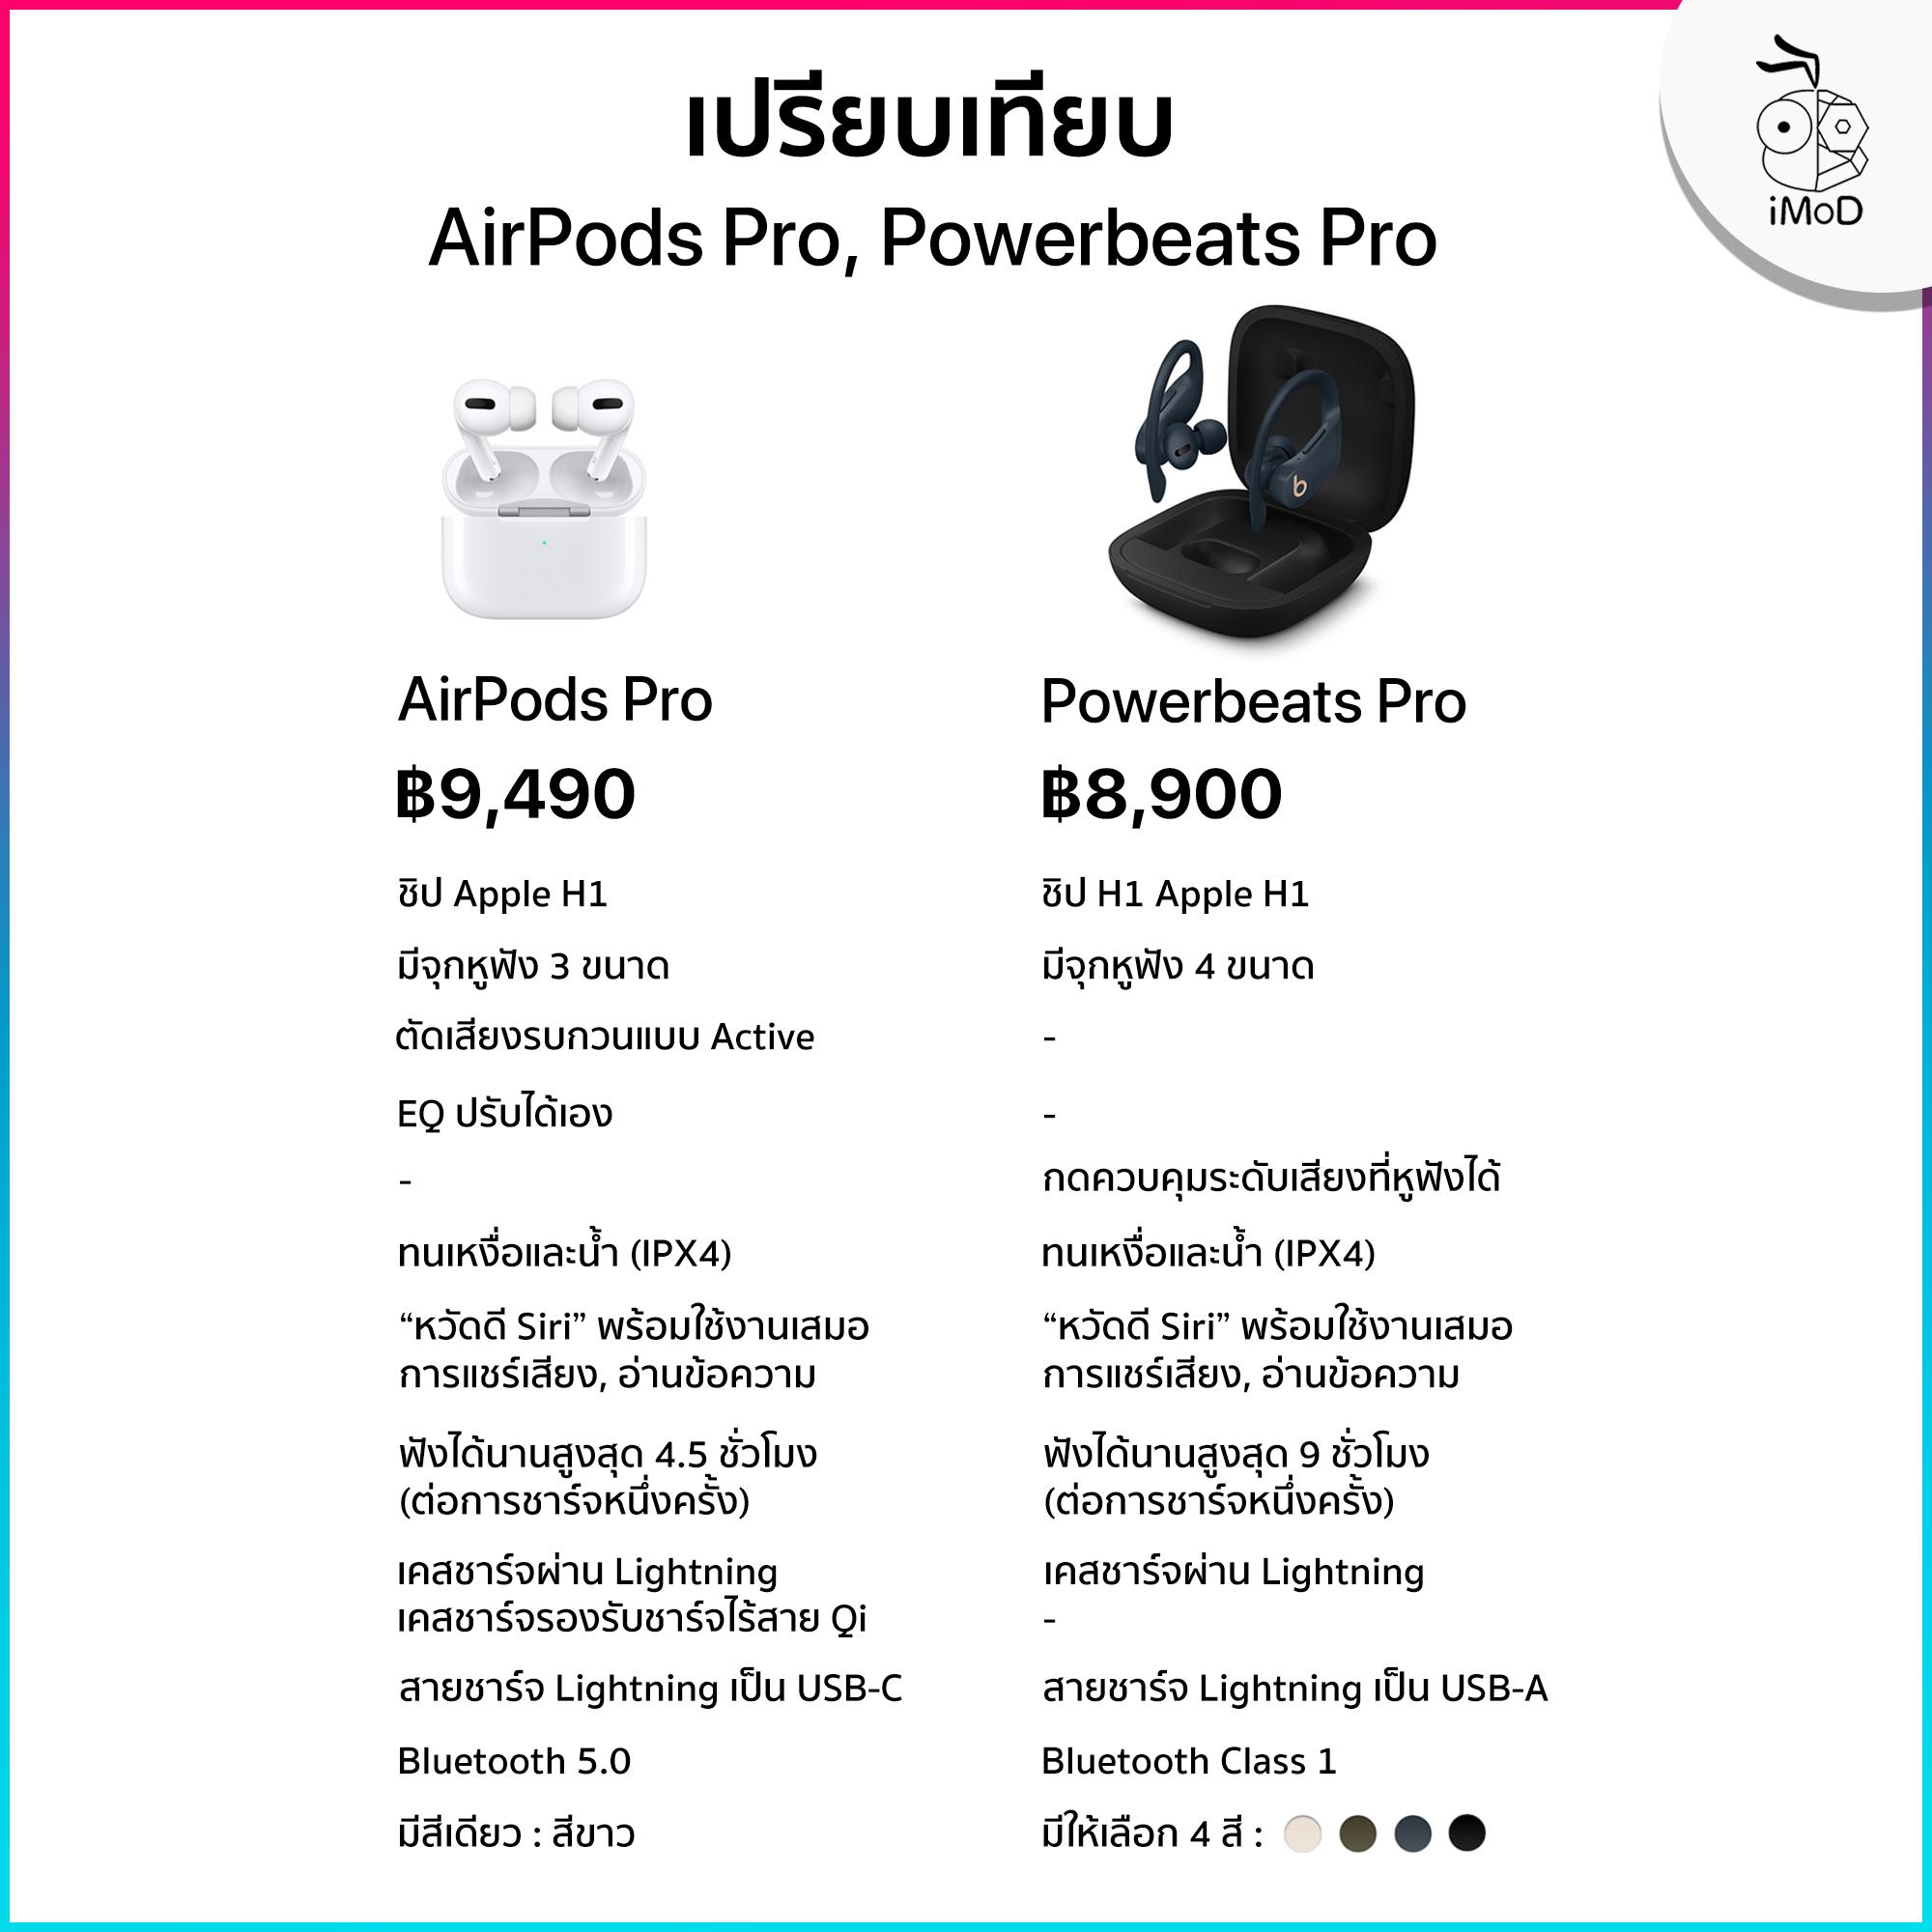 Airpods Pro Vs Powerbeats Pro